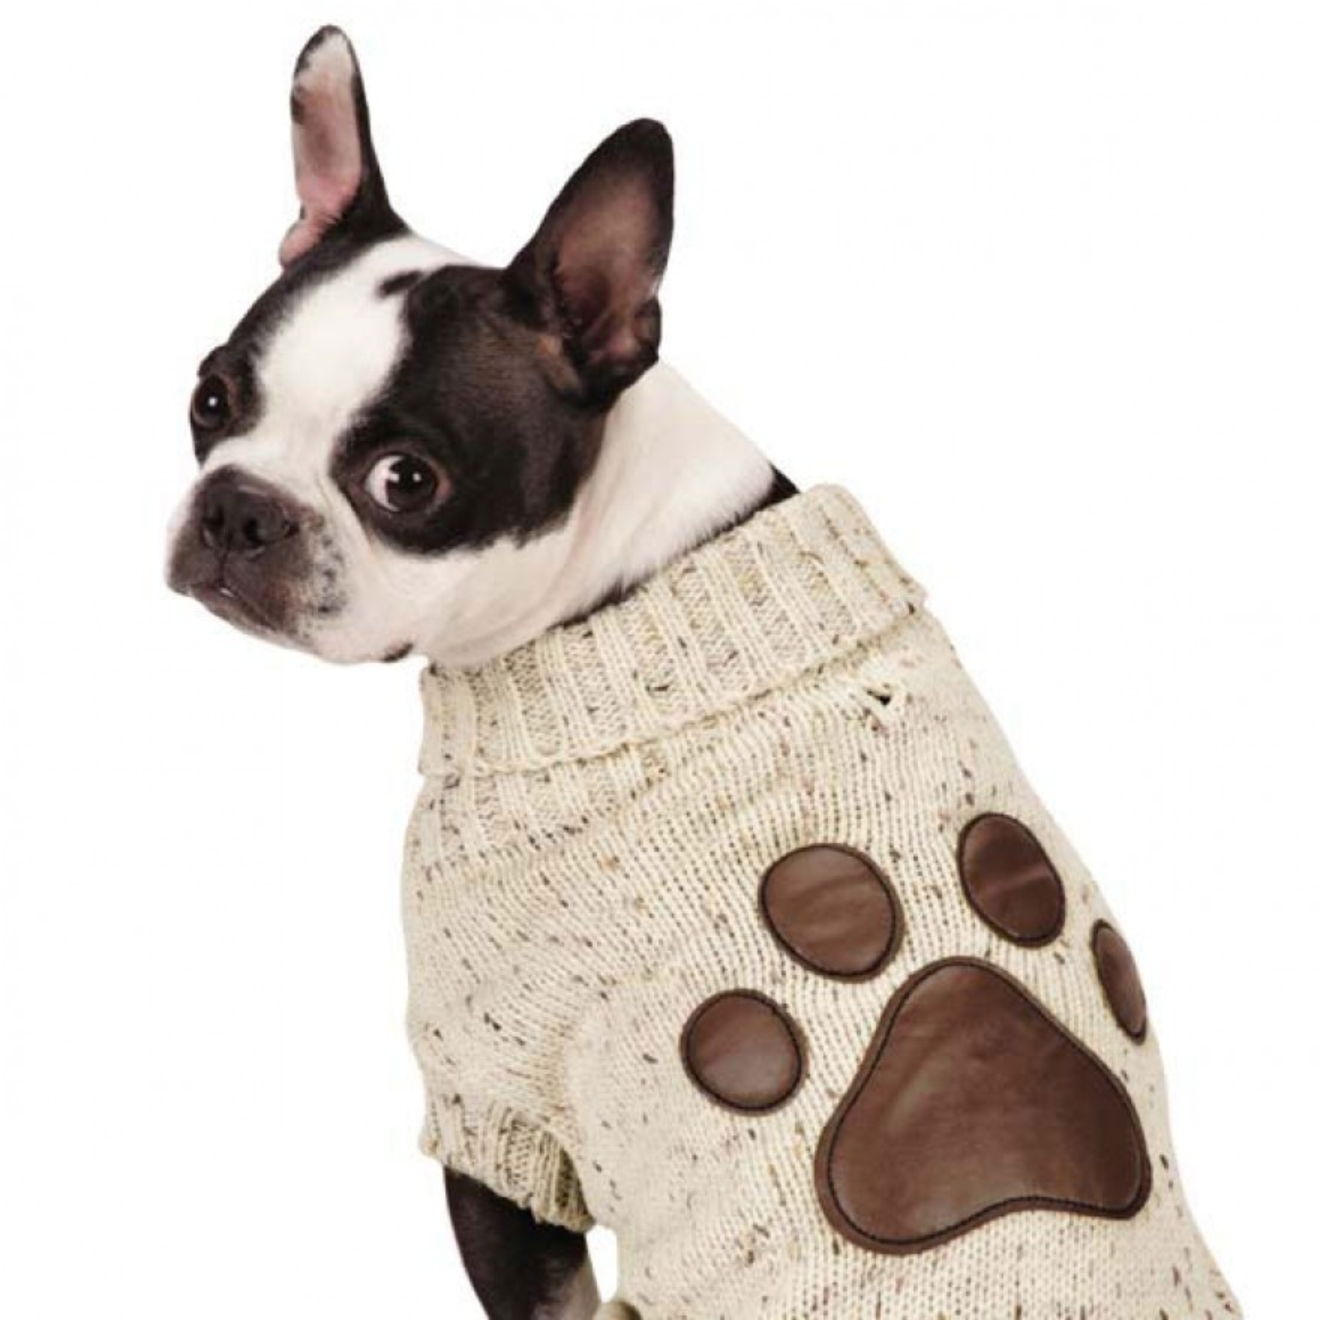 shetland hundepullover paw gr sse xxs xl strick hundepulli online kaufen. Black Bedroom Furniture Sets. Home Design Ideas